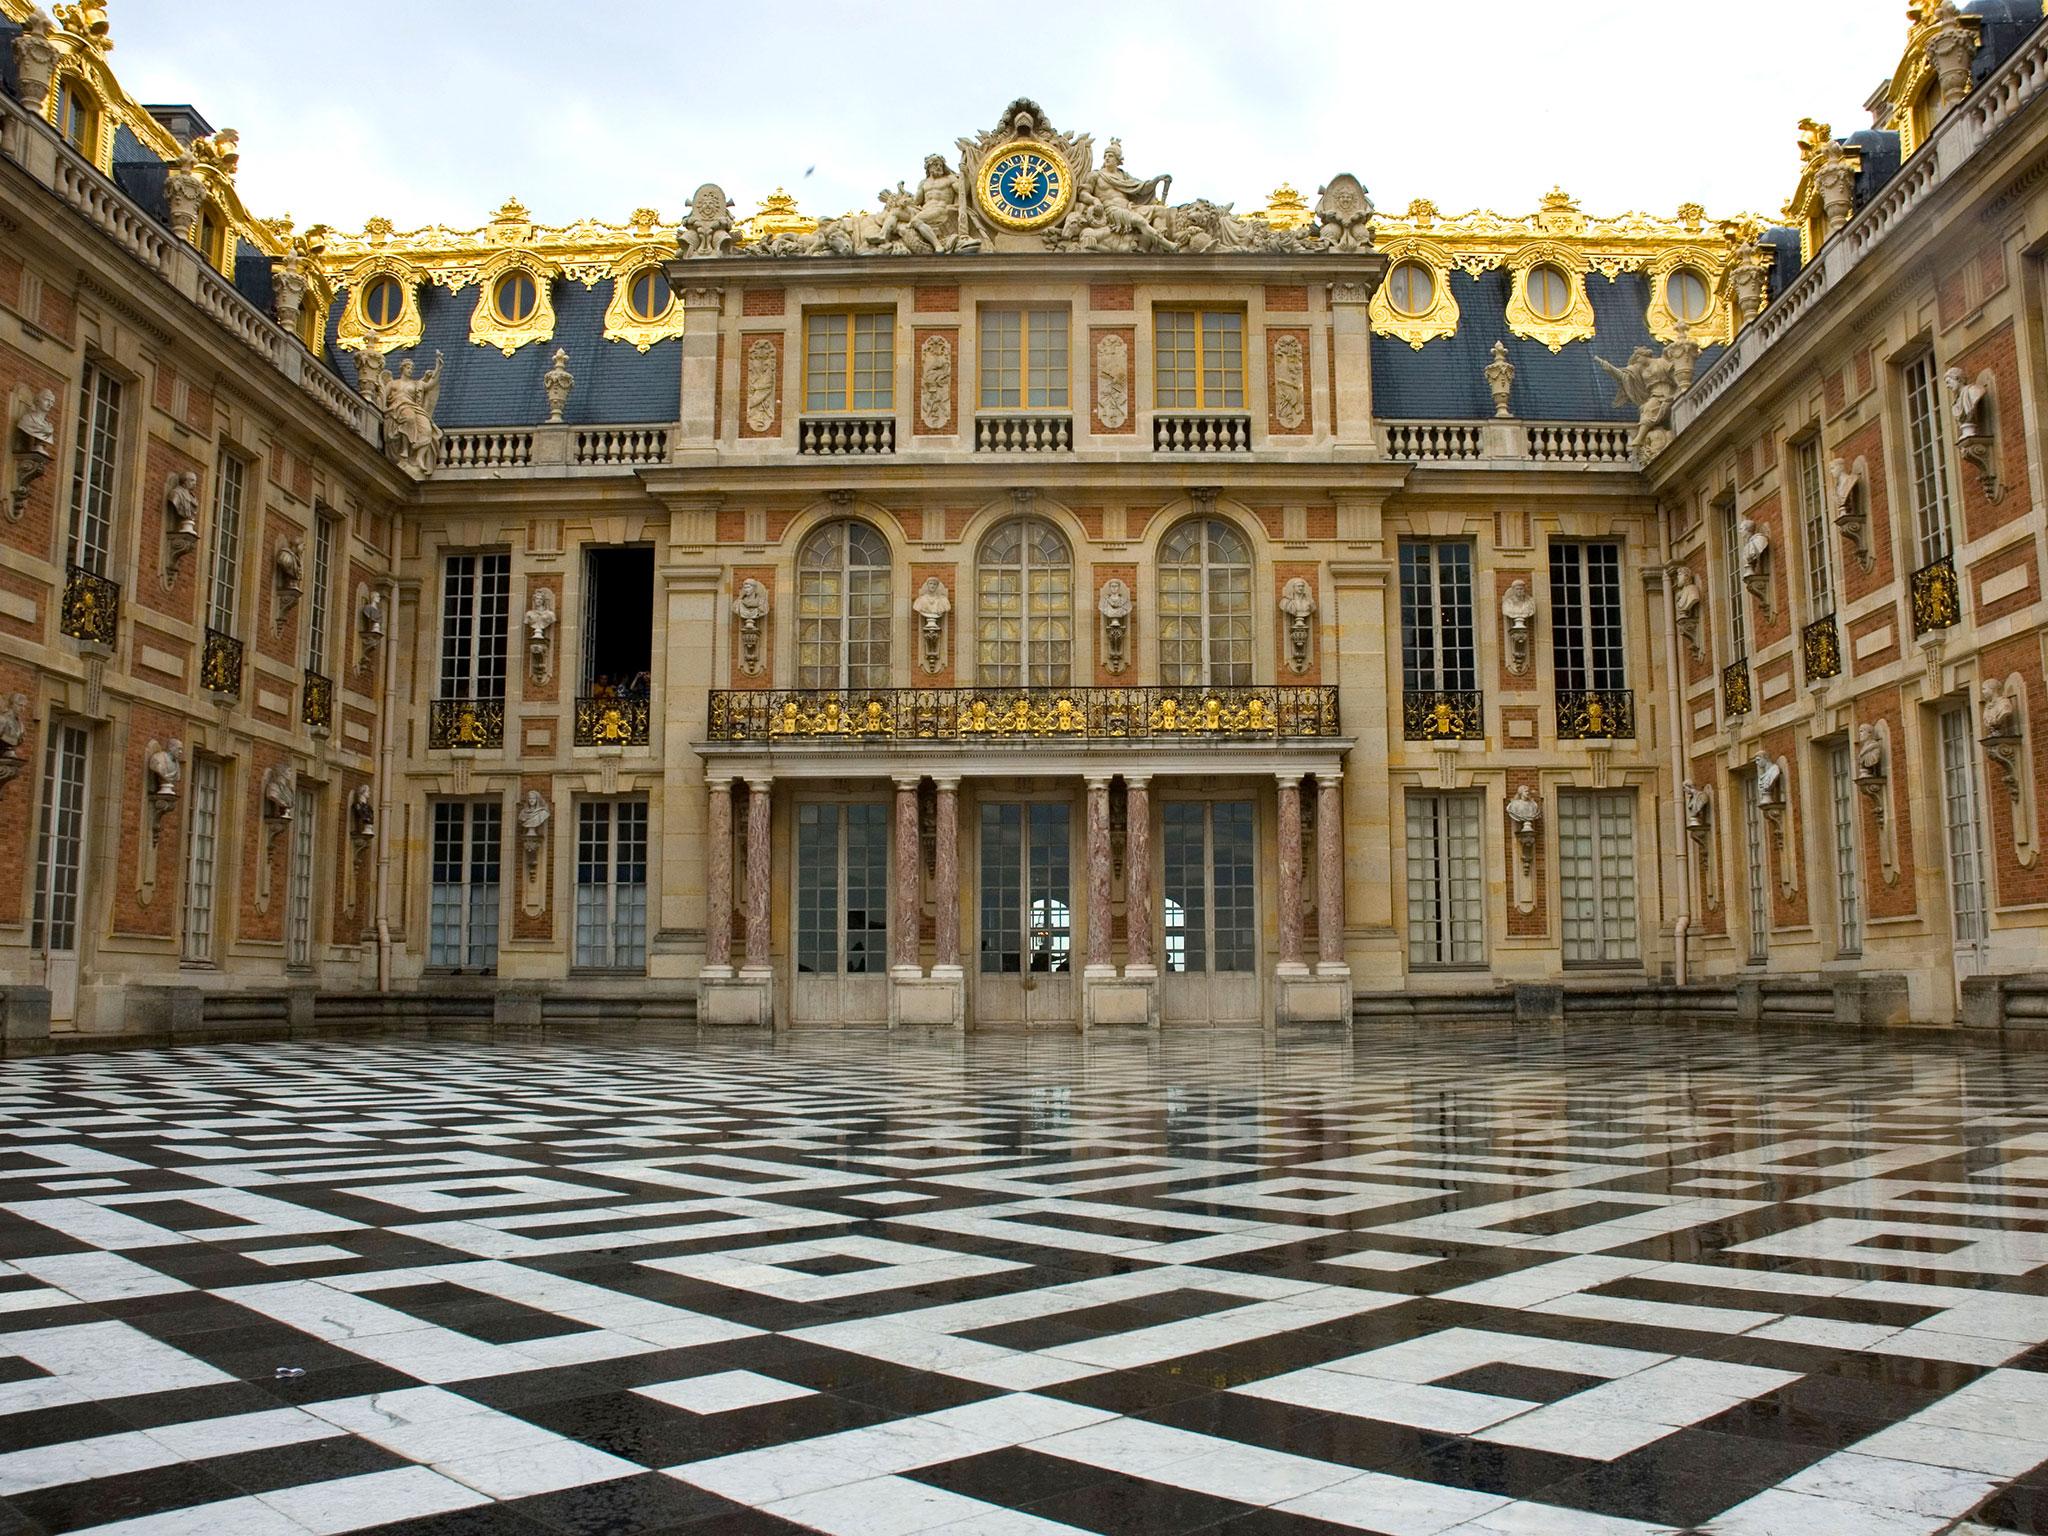 Cận cảnh lối vào sảnh chính cung điện